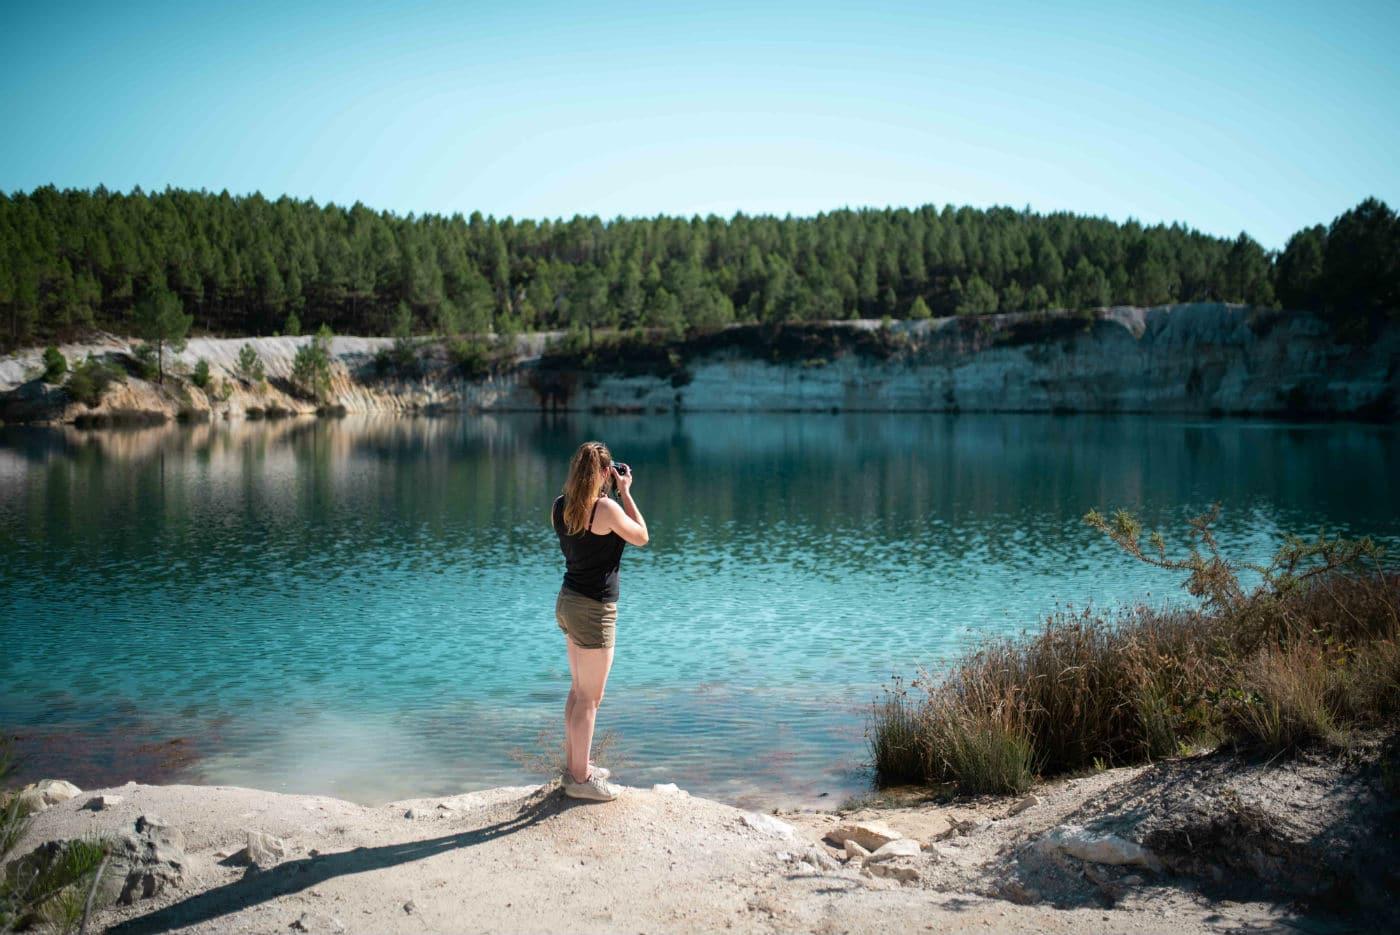 au bord du lac de Guizengeard